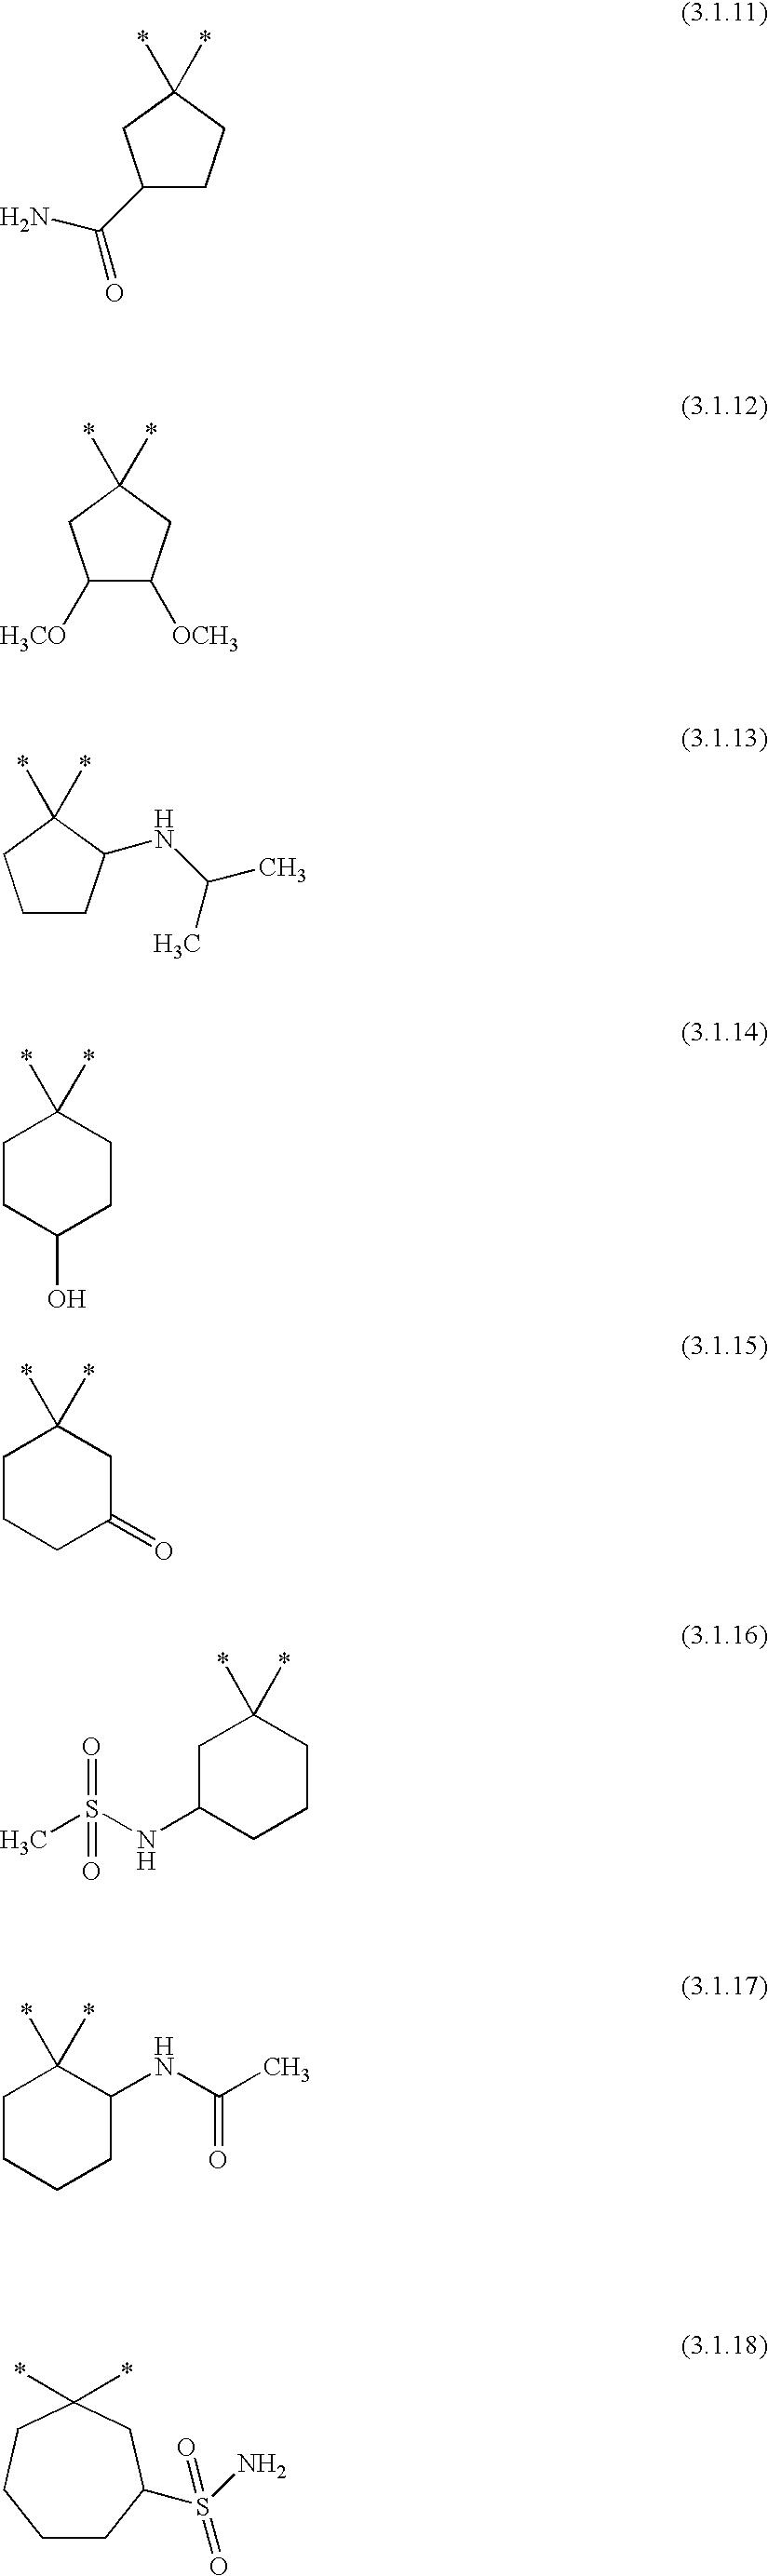 Figure US20030186974A1-20031002-C00138